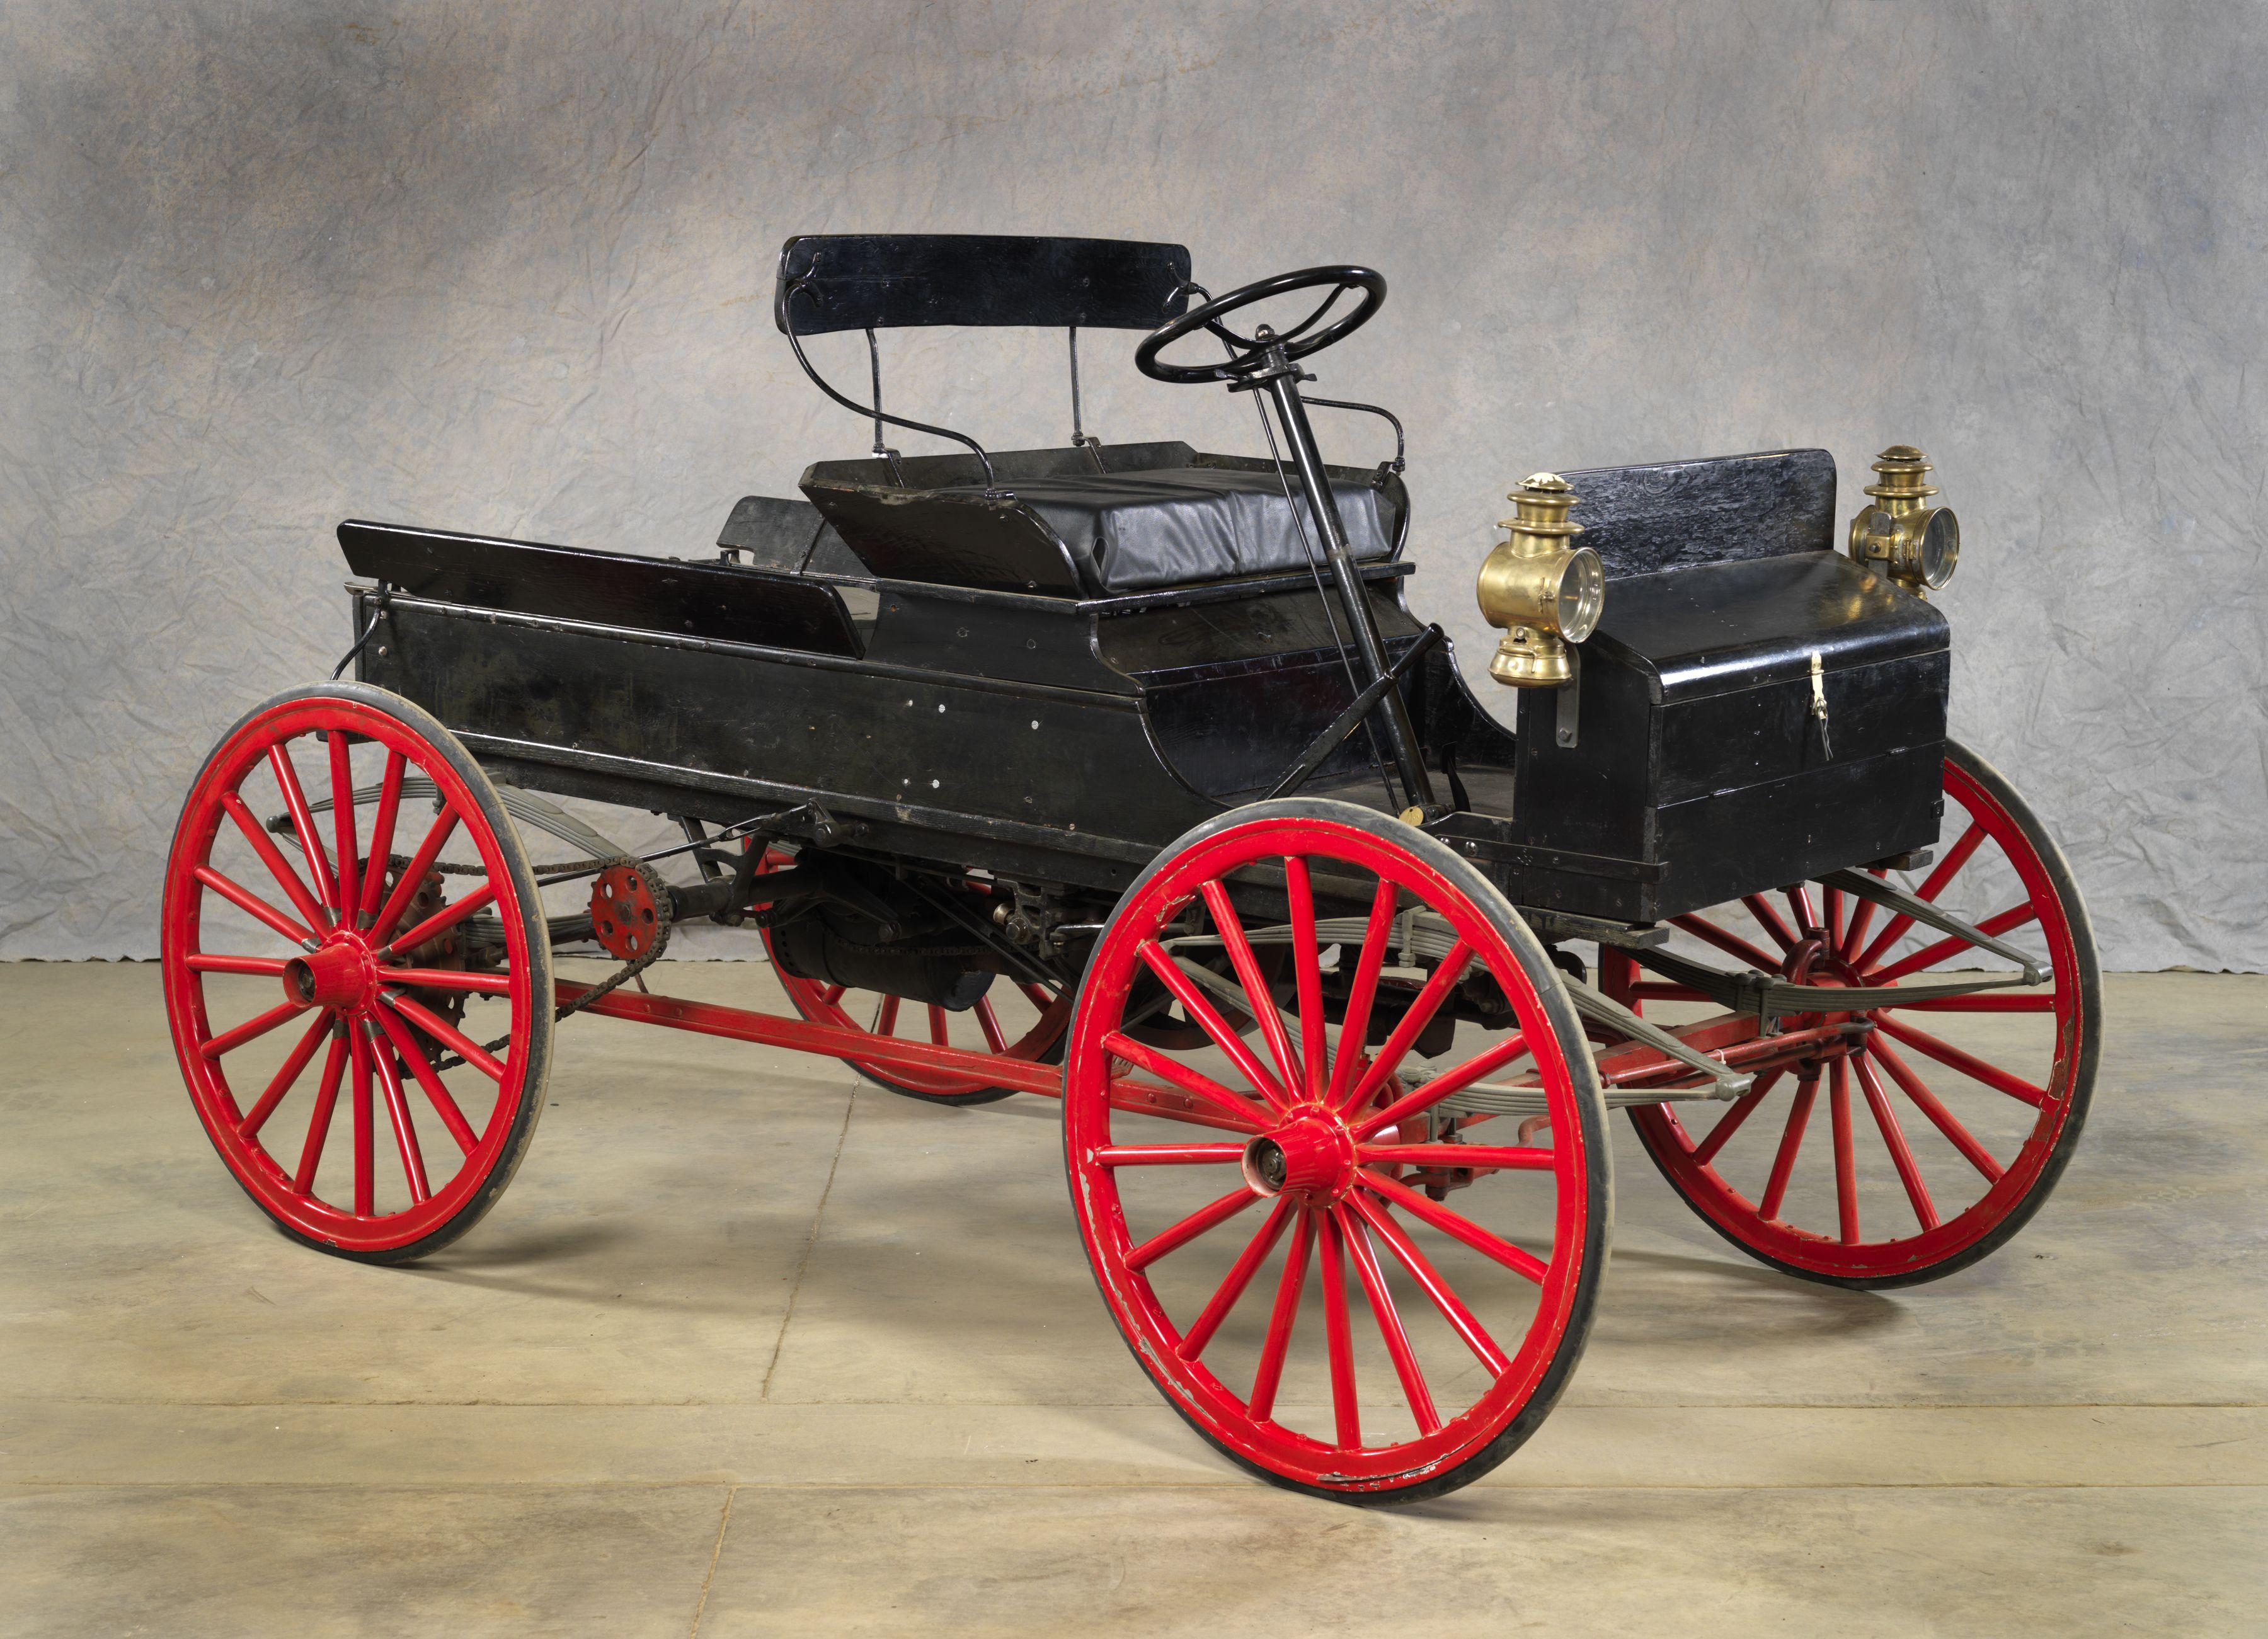 1909 TUDHOPE-MCINTYRE MODEL 109 DELIVERY WAGON: Tudhope-McIntyres ...